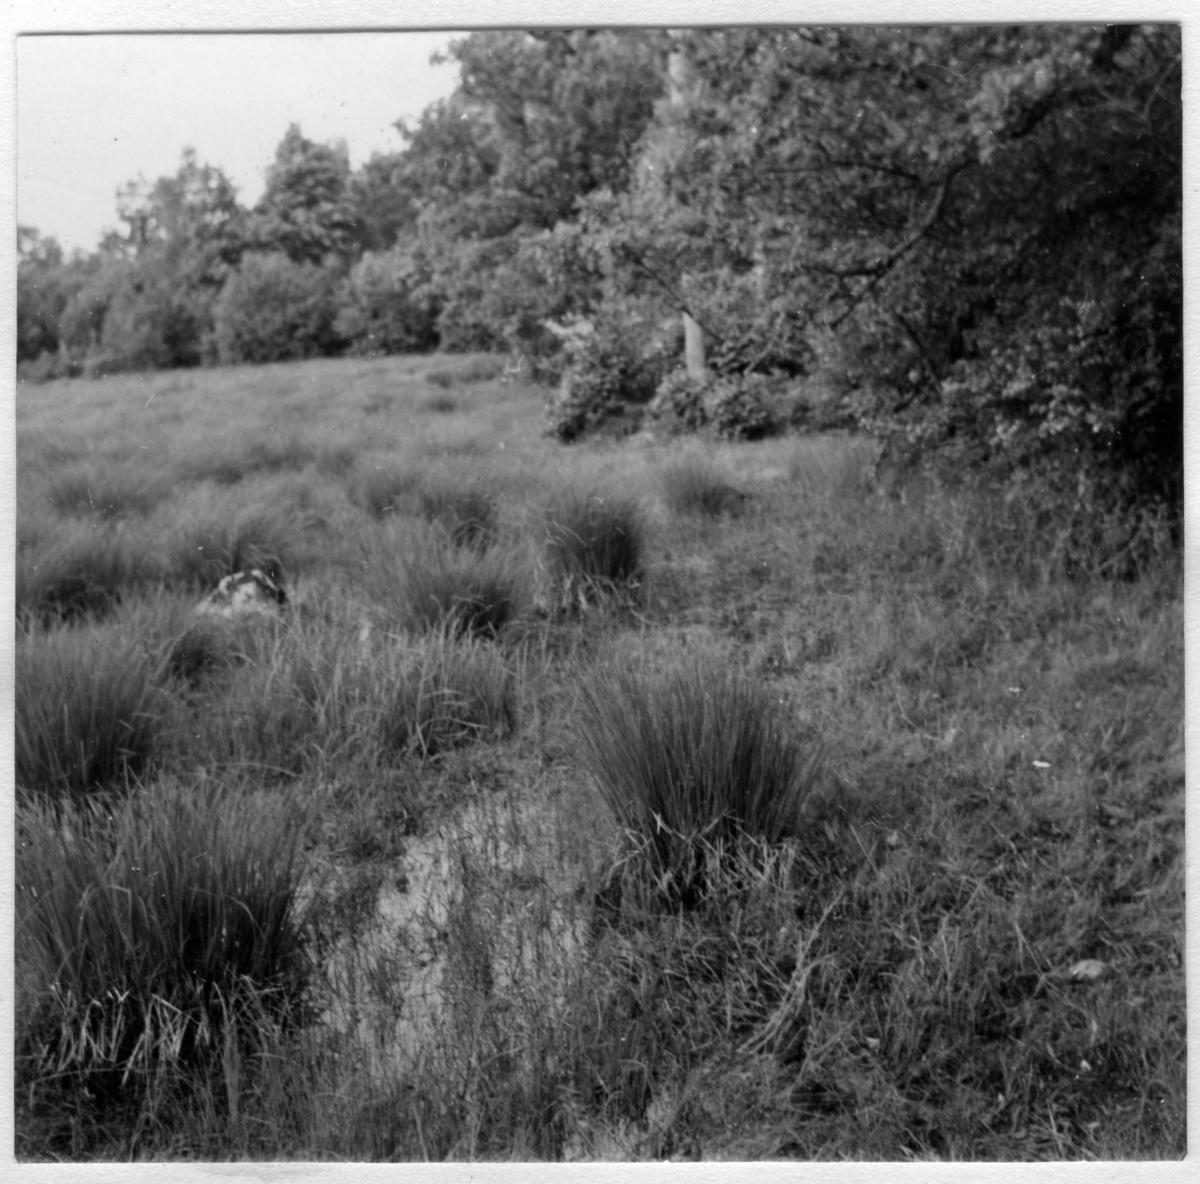 'Bildtext: ''Halltorp brunmossekärret.'' ::  :: Ingår i serie med fotonr. 7037:1-15 med biotopfoton hörande till Fil. dr. Samuel O. Larssons skalbaggssamling från bl.a. Öland och Bohuslän (donerad 1974).'